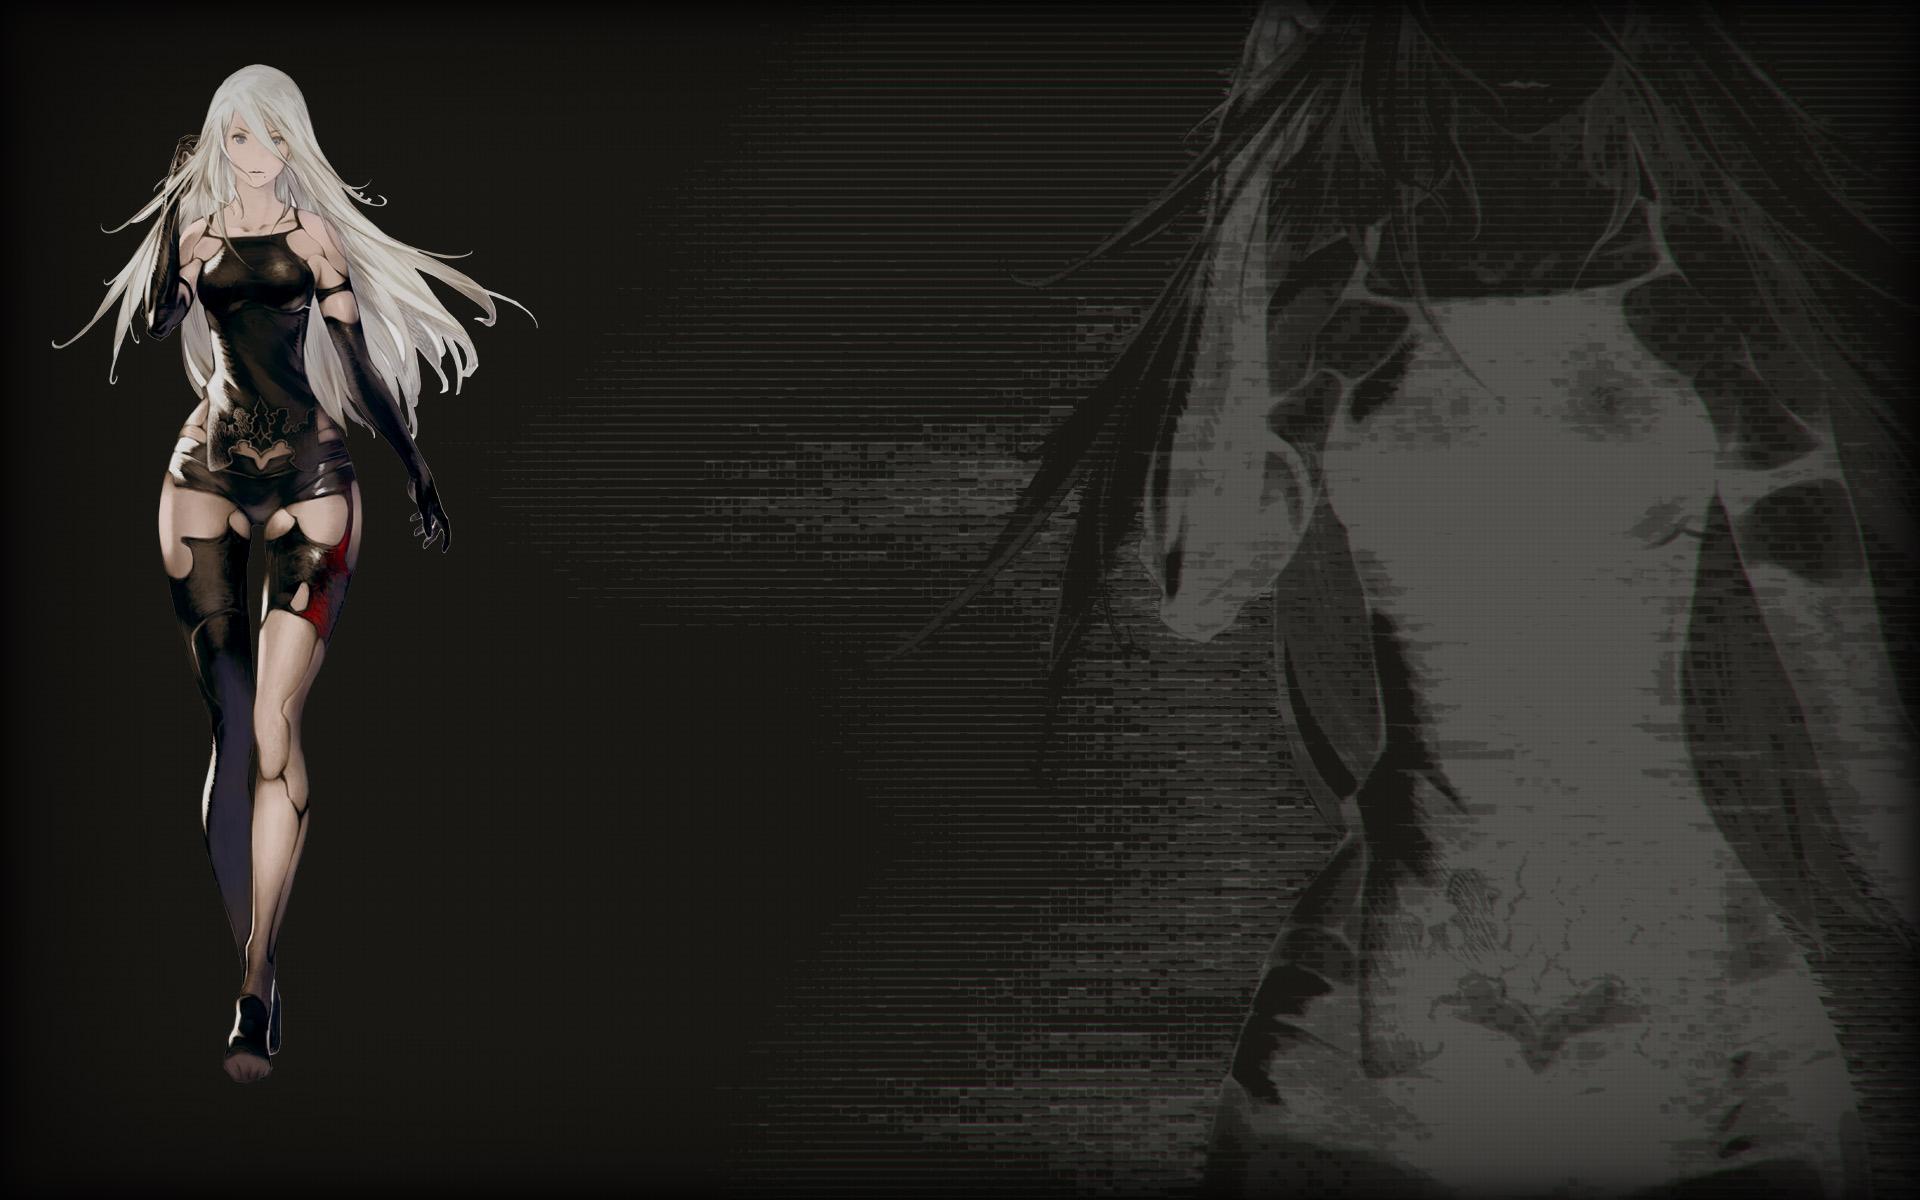 Steam Topluluk Pazarı 524220 A2 Profile Background Için